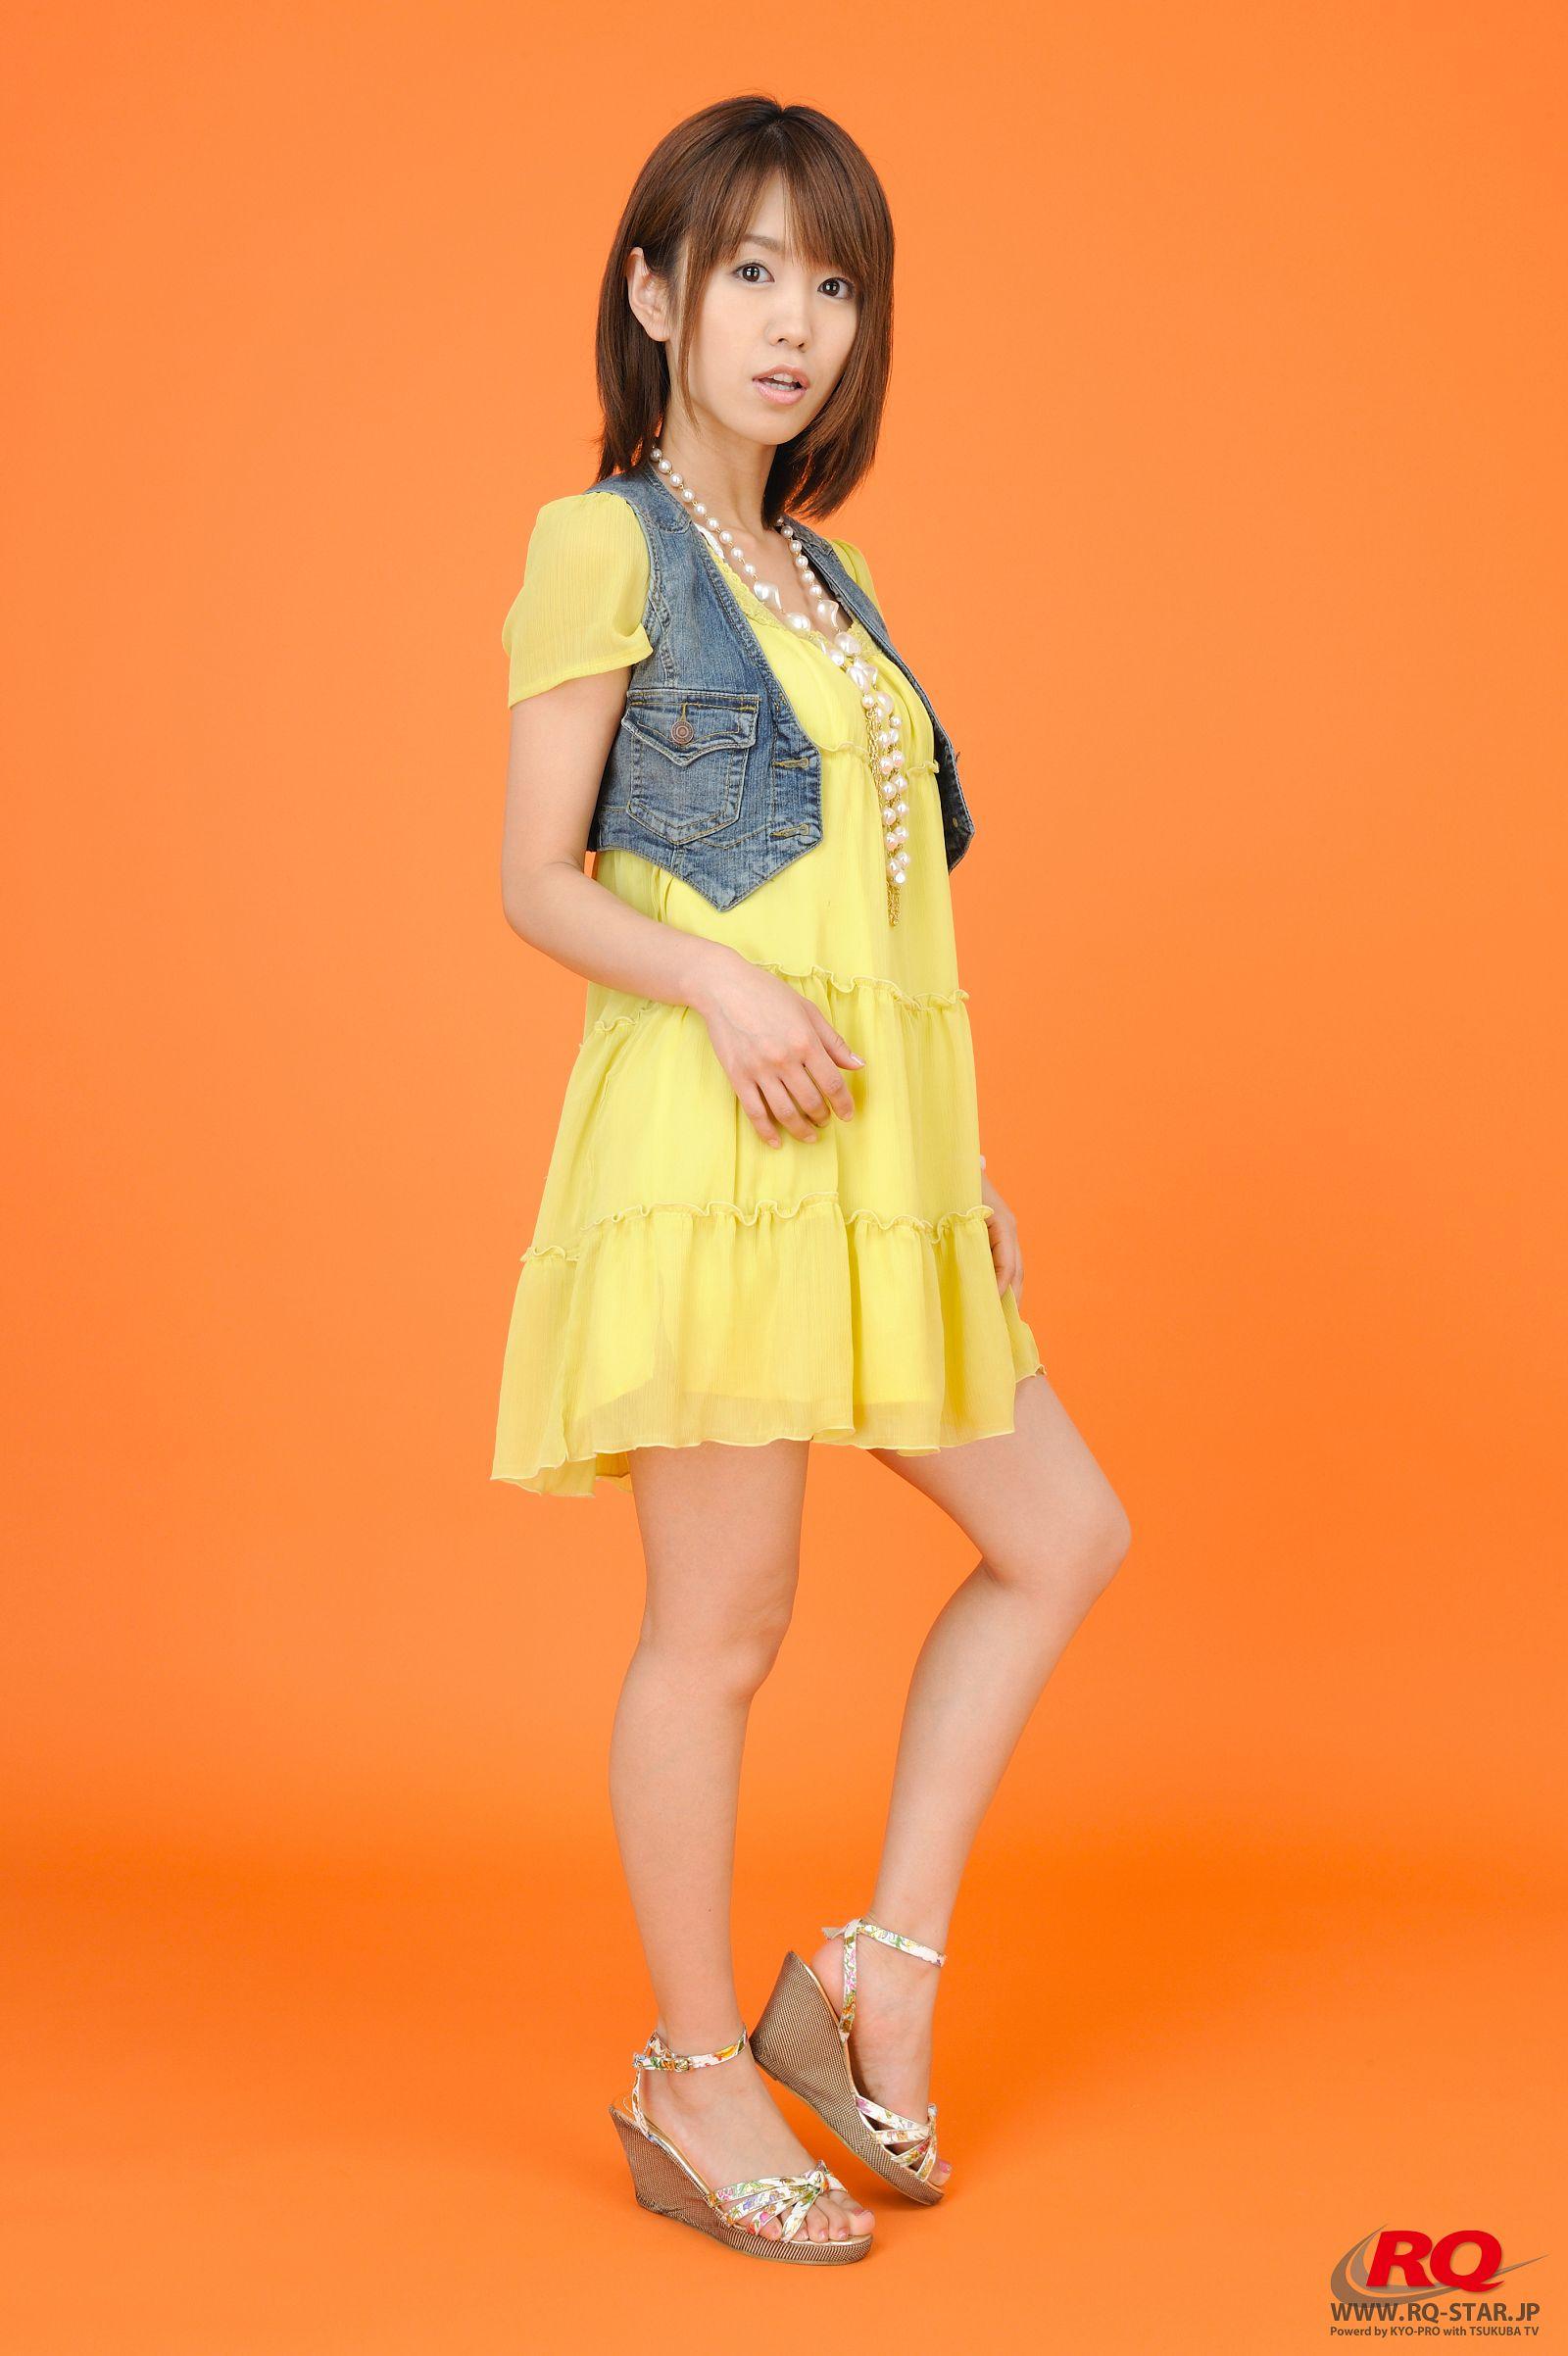 [RQ STAR美女] NO.0057 Kotomi Kurosawa 鼪g琴美 Private Dress[95P] RQ STAR 第2张